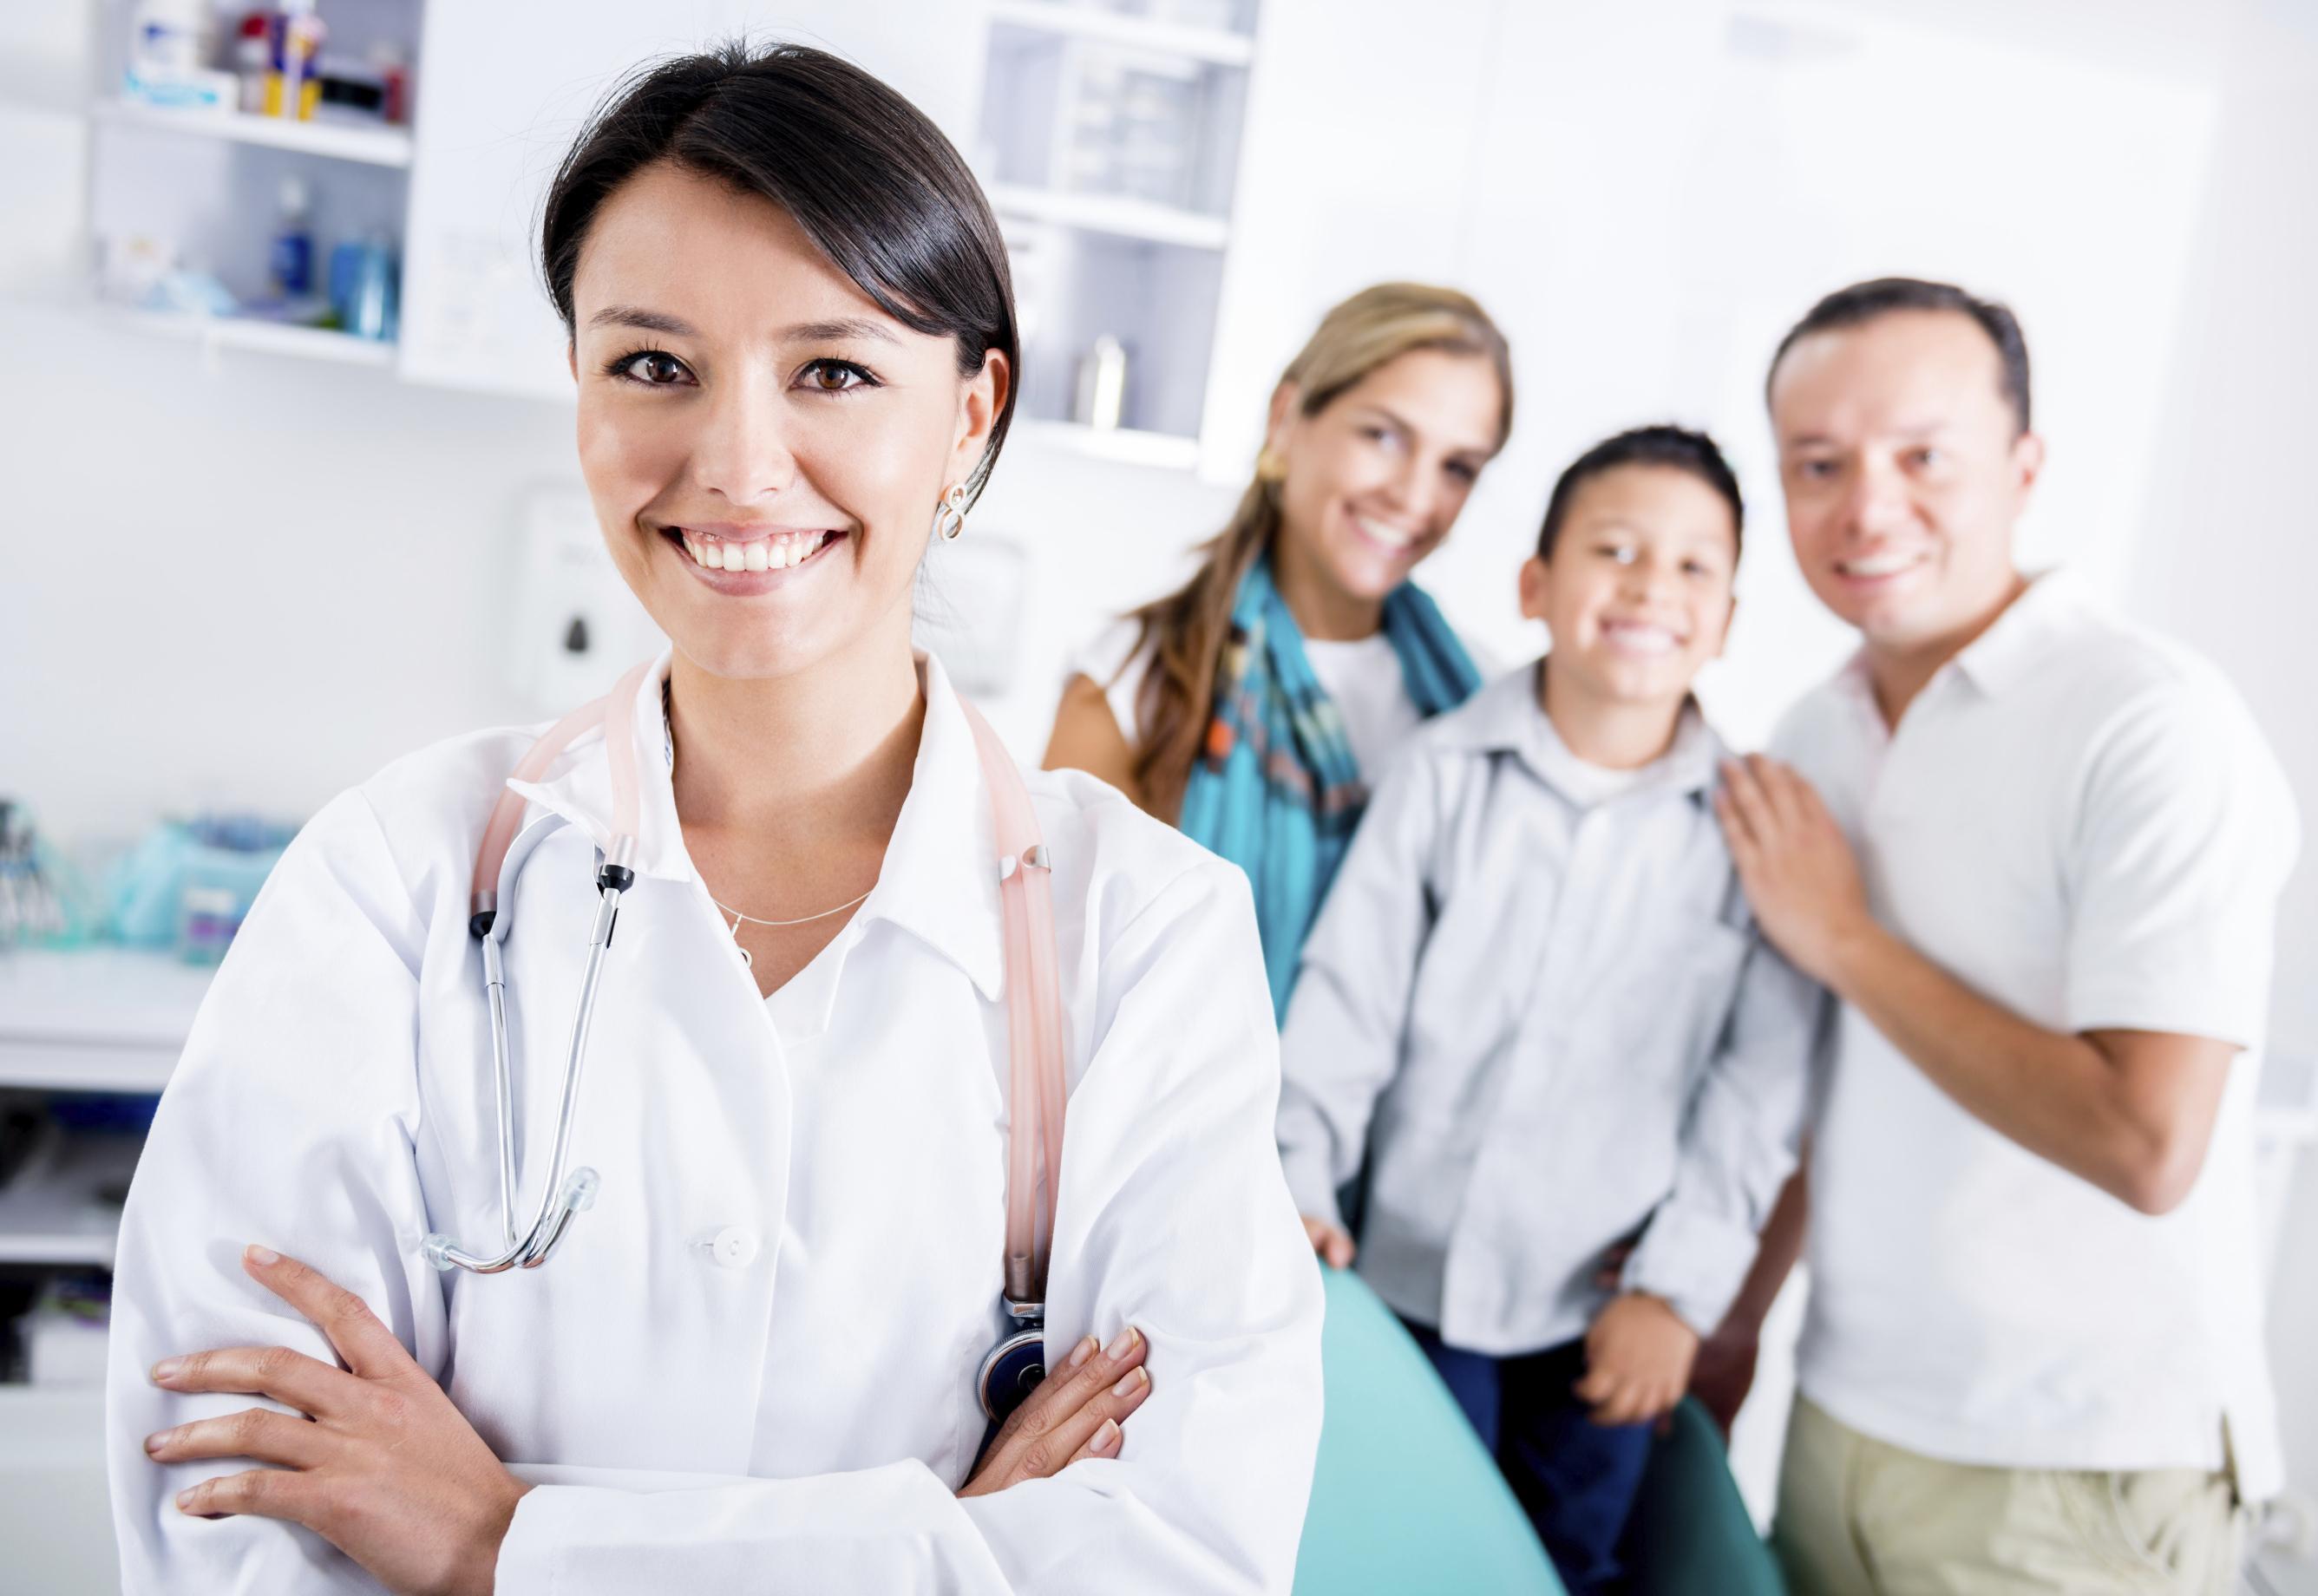 თერაპია, ოჯახის ექიმი